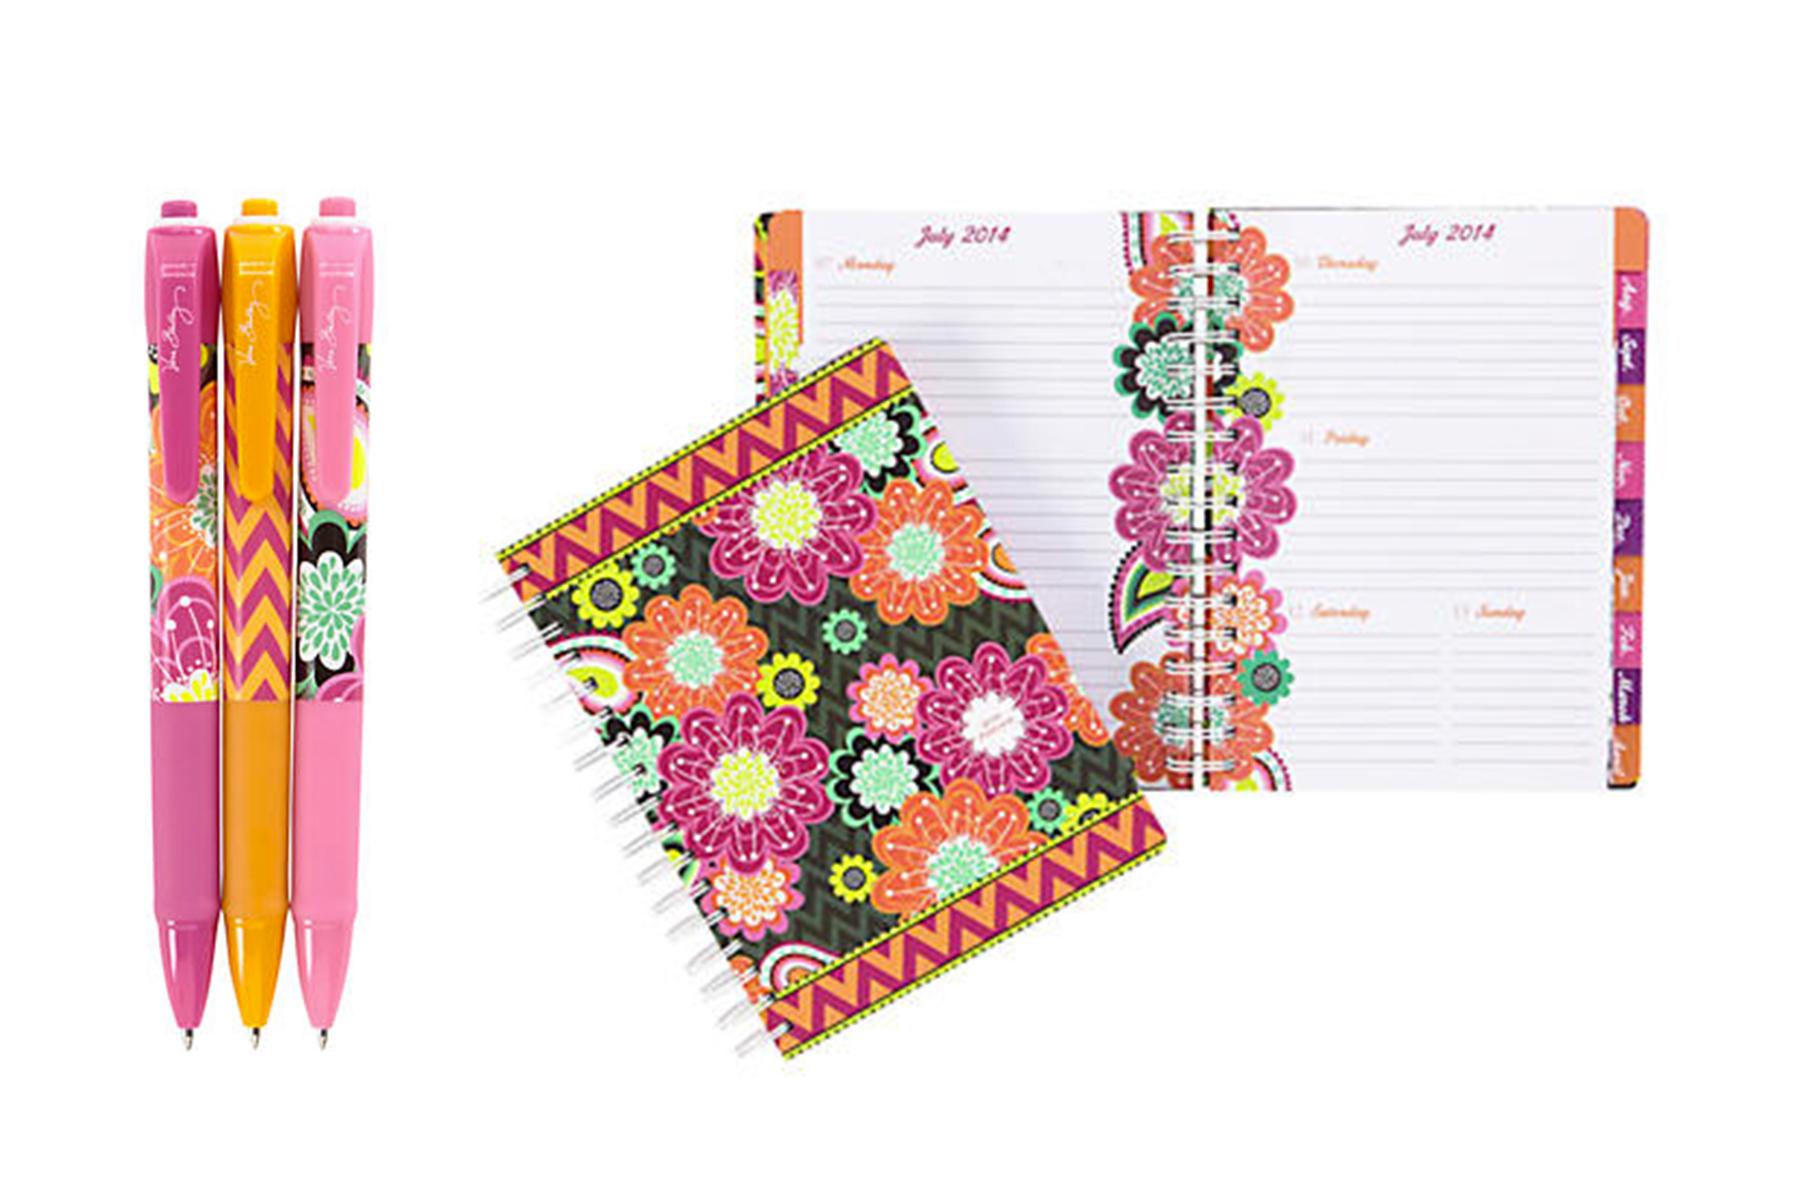 kristen-poissant-vera-bradley-designer-product-development-printed-pen-agenda-stationery-product.jpg